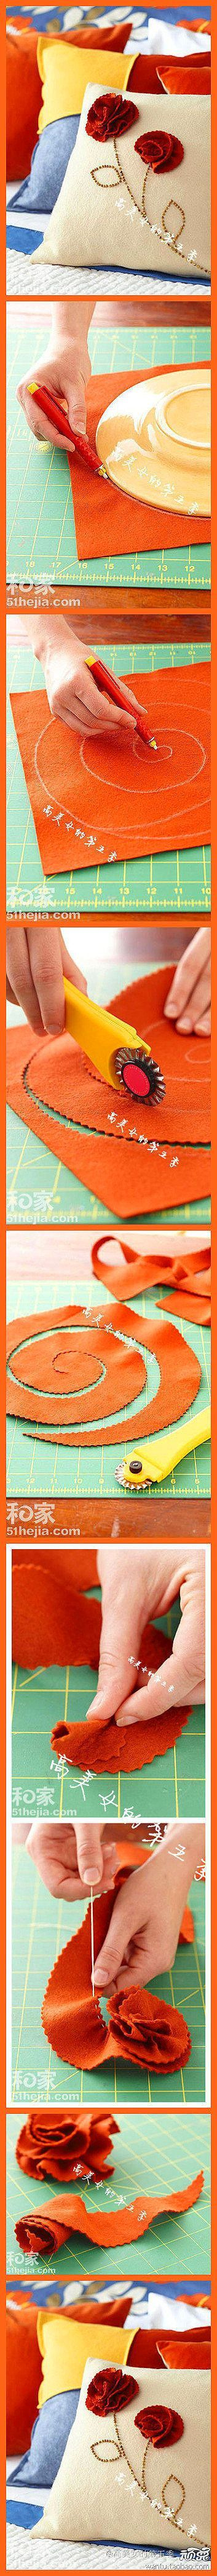 DIY Coussin avec une fleur en feutre  sur le site de UsefulDIY.com On peut les suivre sur Facebook ==> http://www.facebook.com/UsefulDiy